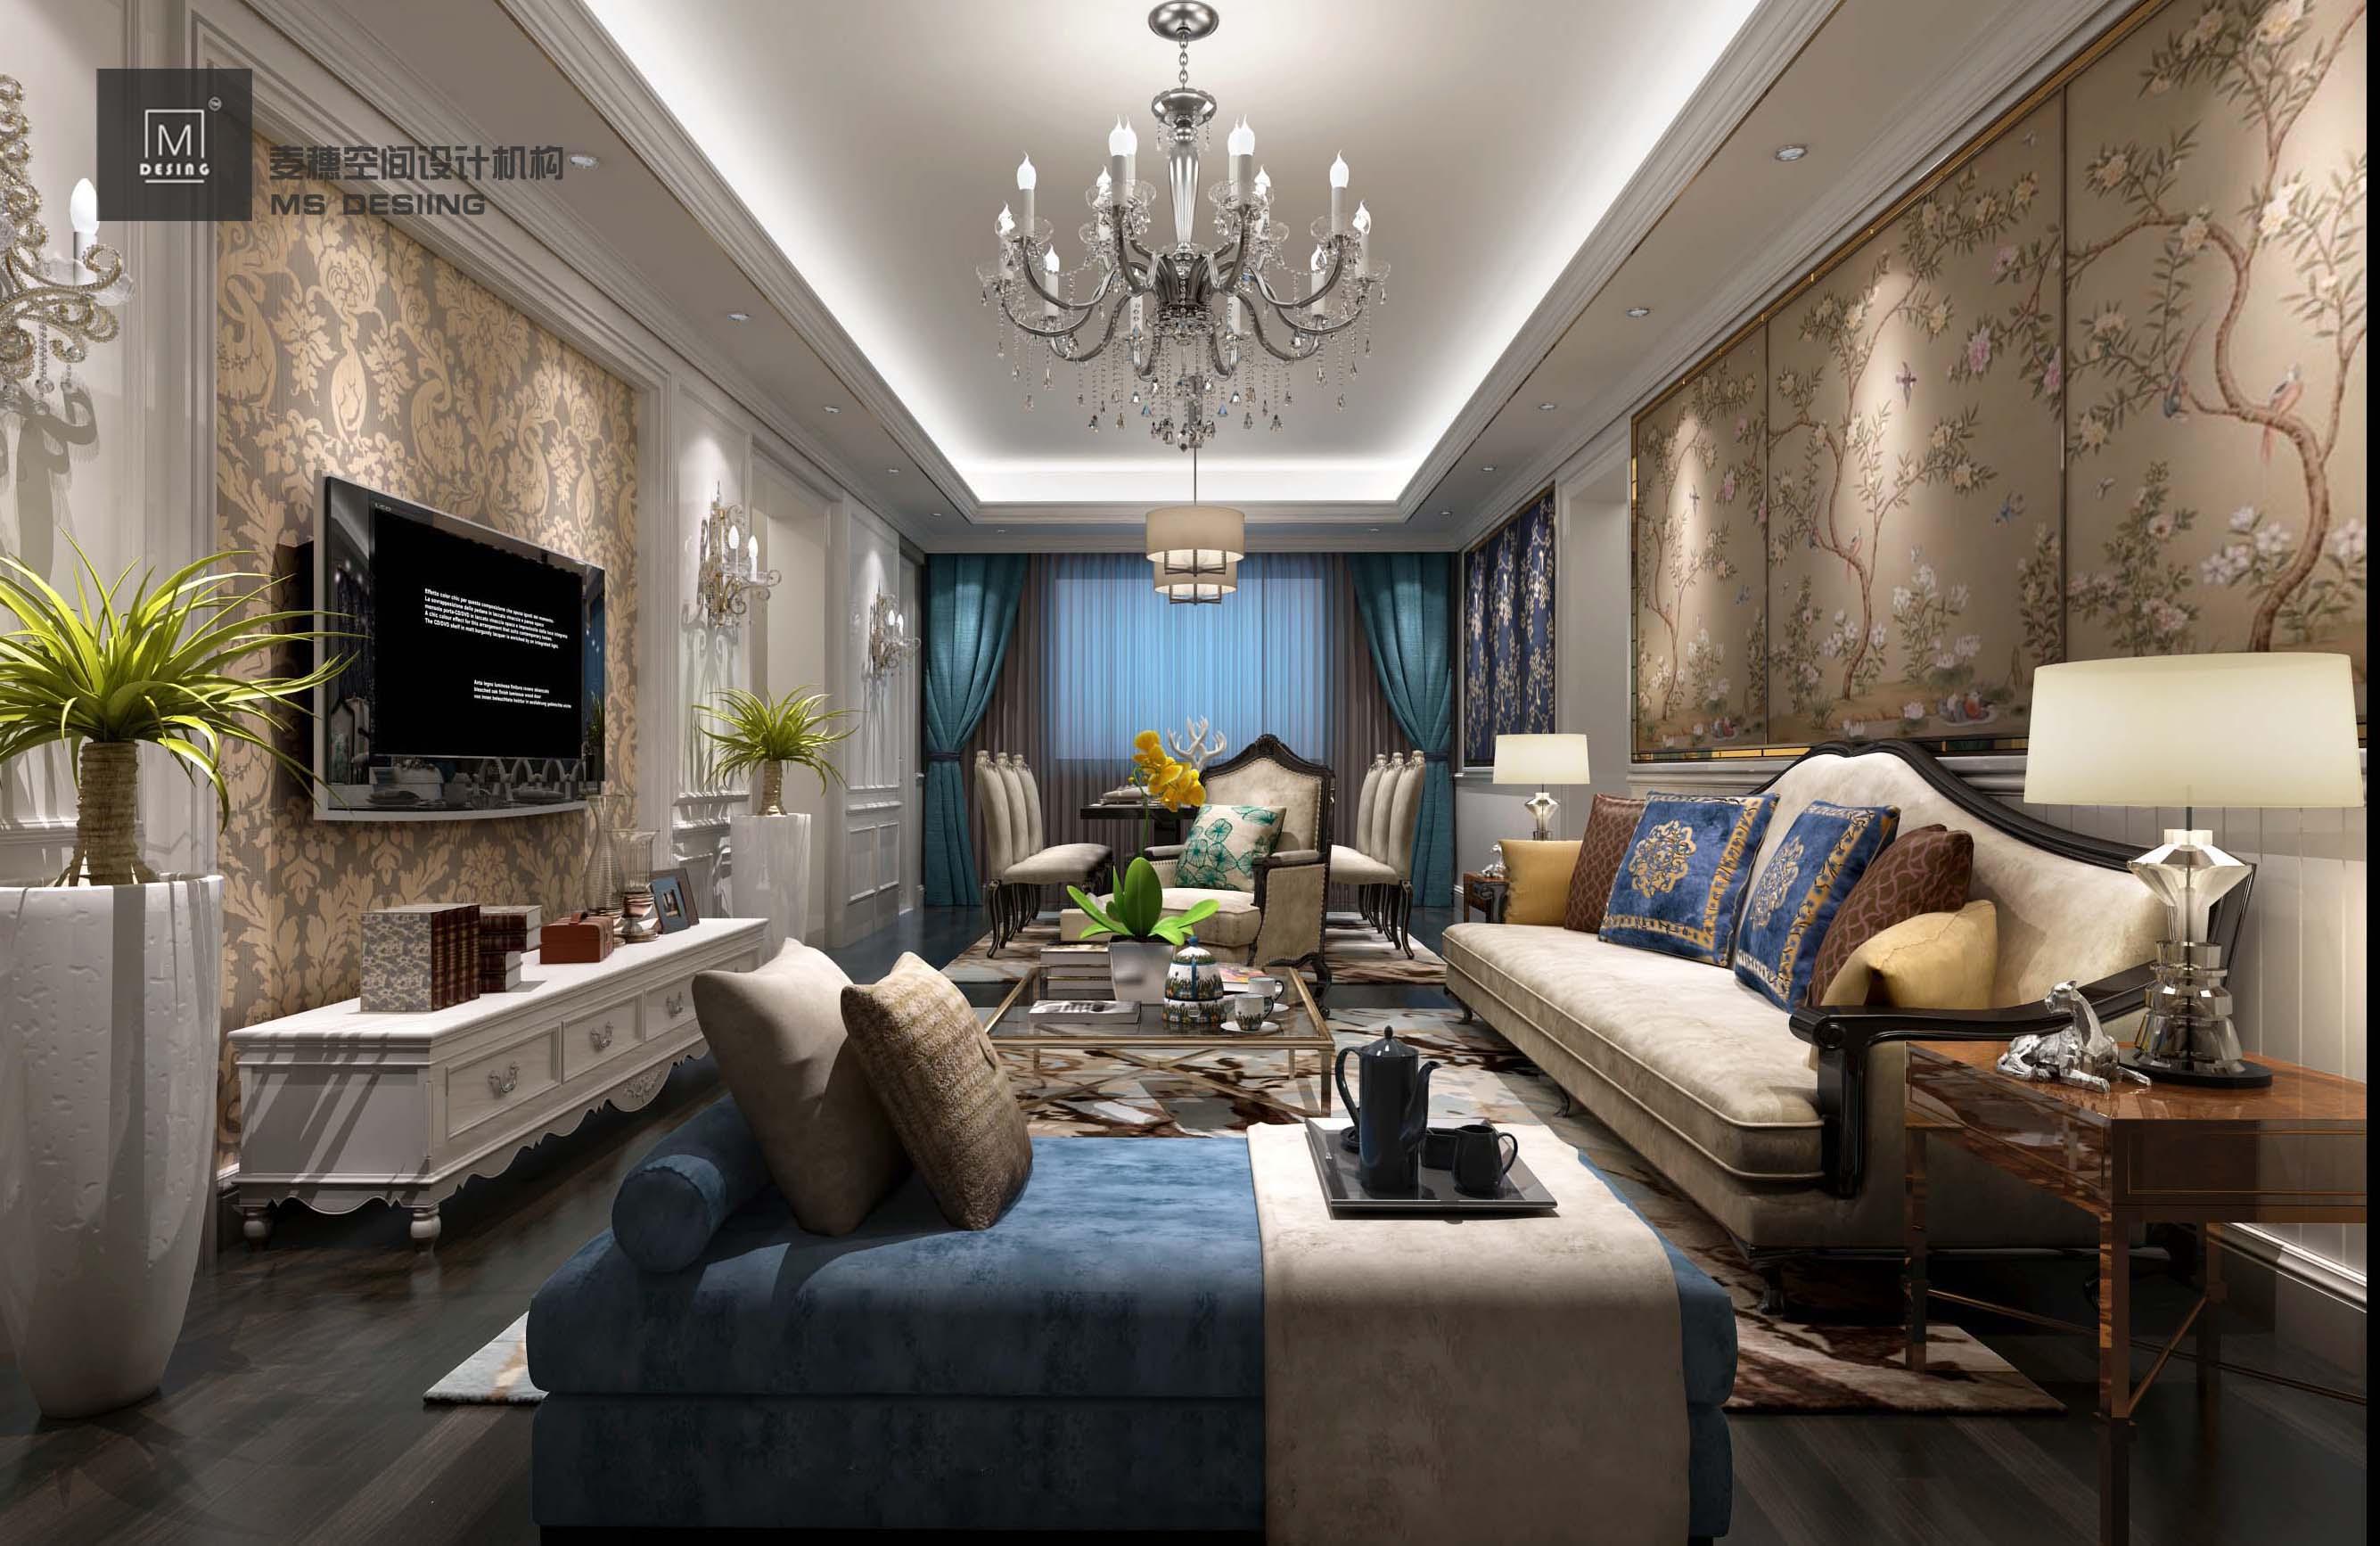 【麦穗】简欧欧式室内设计家装设计效果图设计别墅自建房新房设计